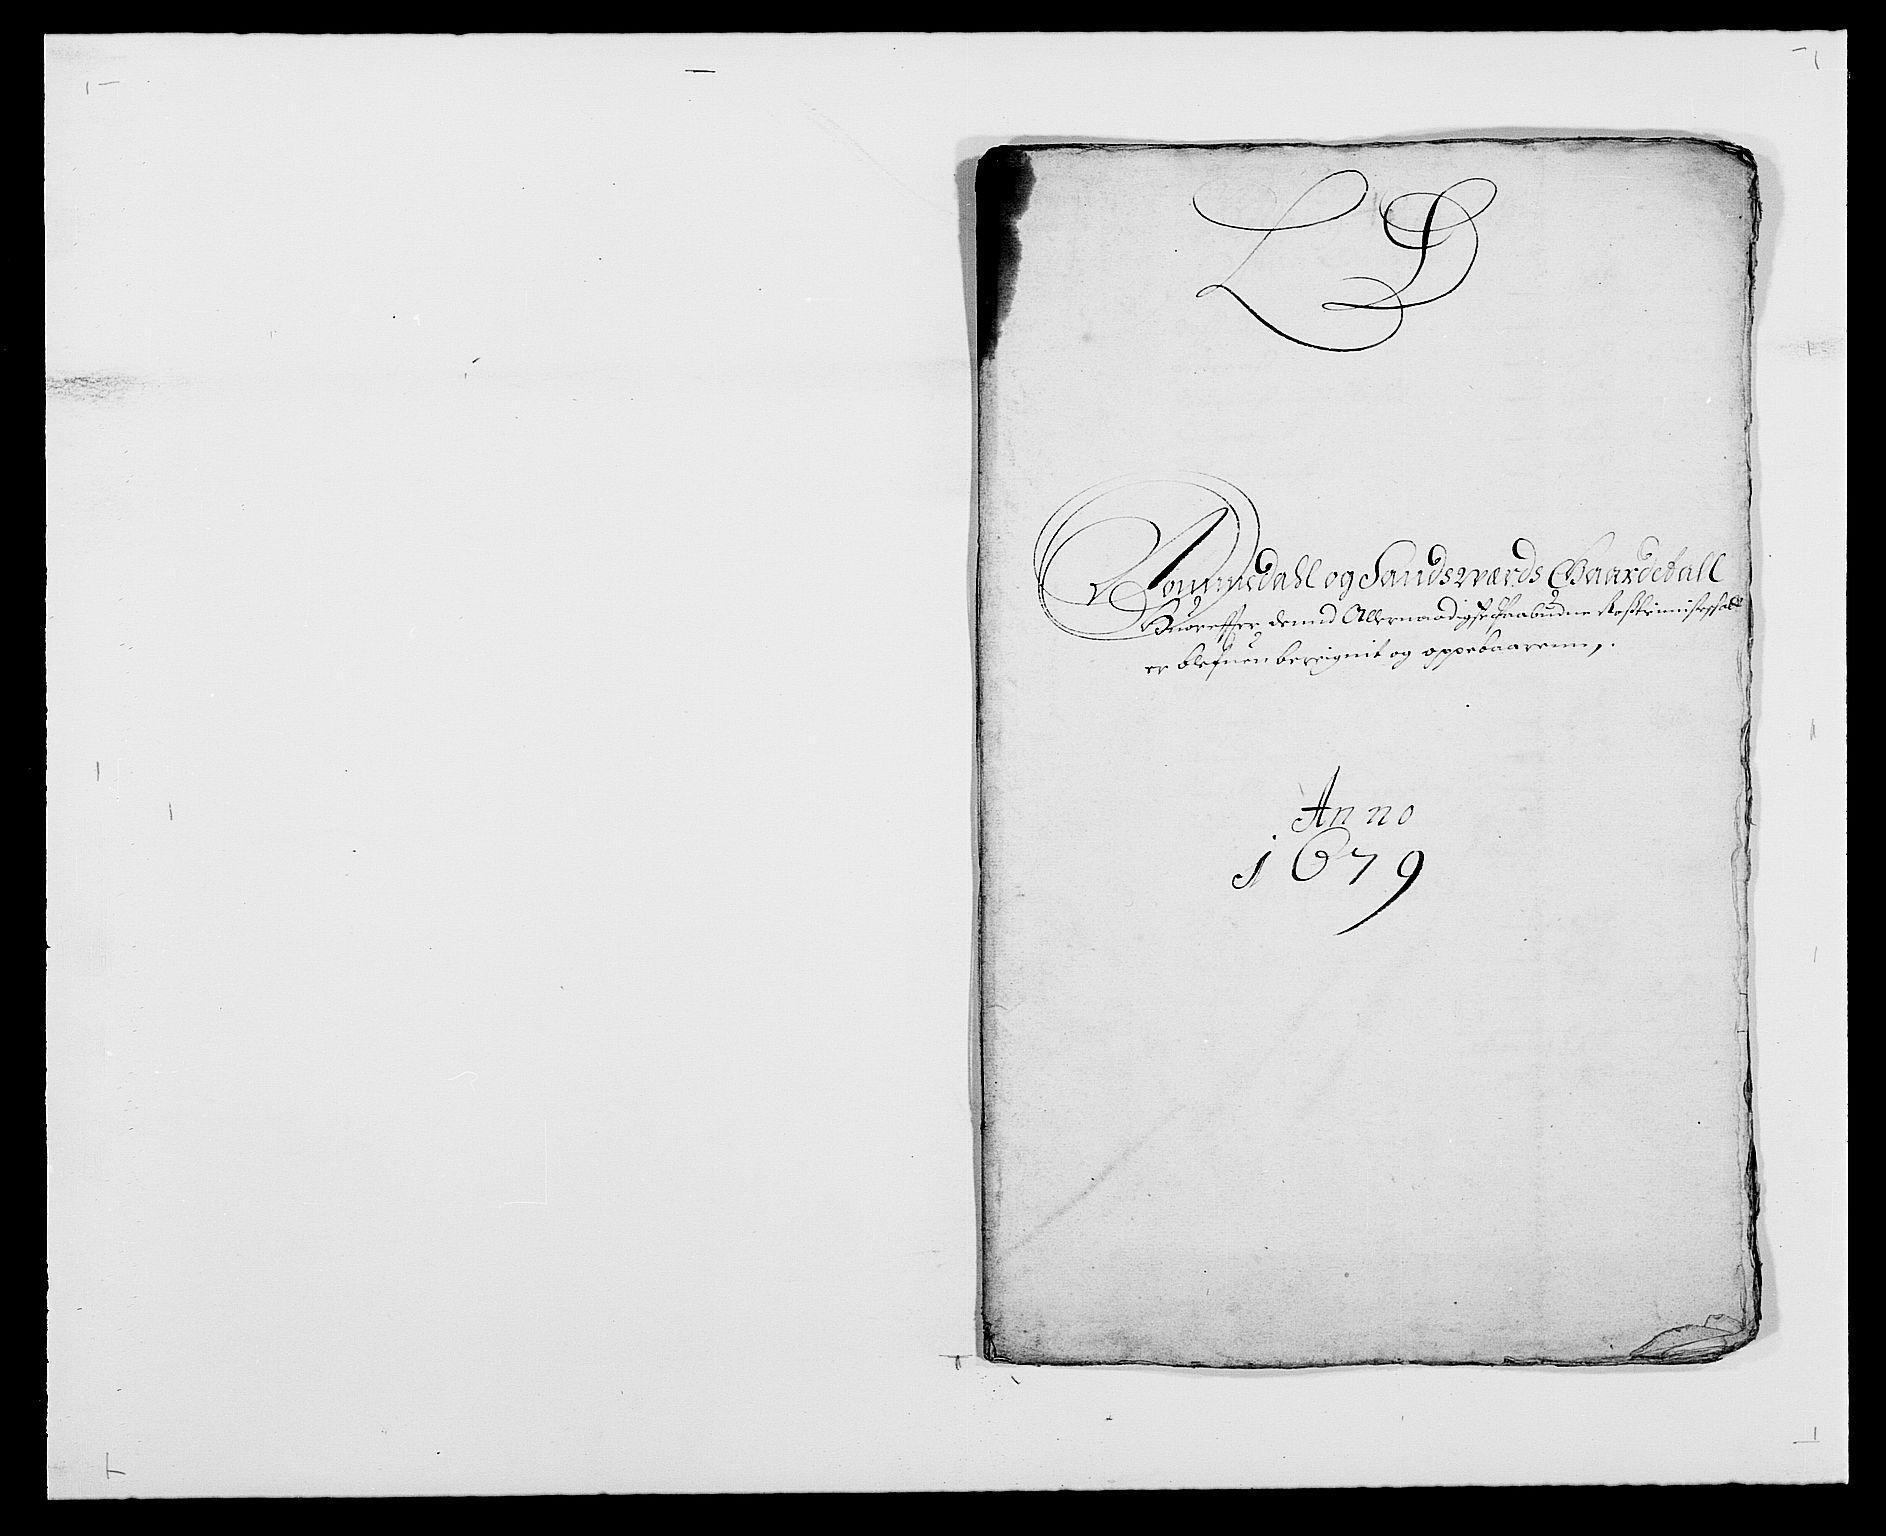 RA, Rentekammeret inntil 1814, Reviderte regnskaper, Fogderegnskap, R24/L1569: Fogderegnskap Numedal og Sandsvær, 1679-1686, s. 113